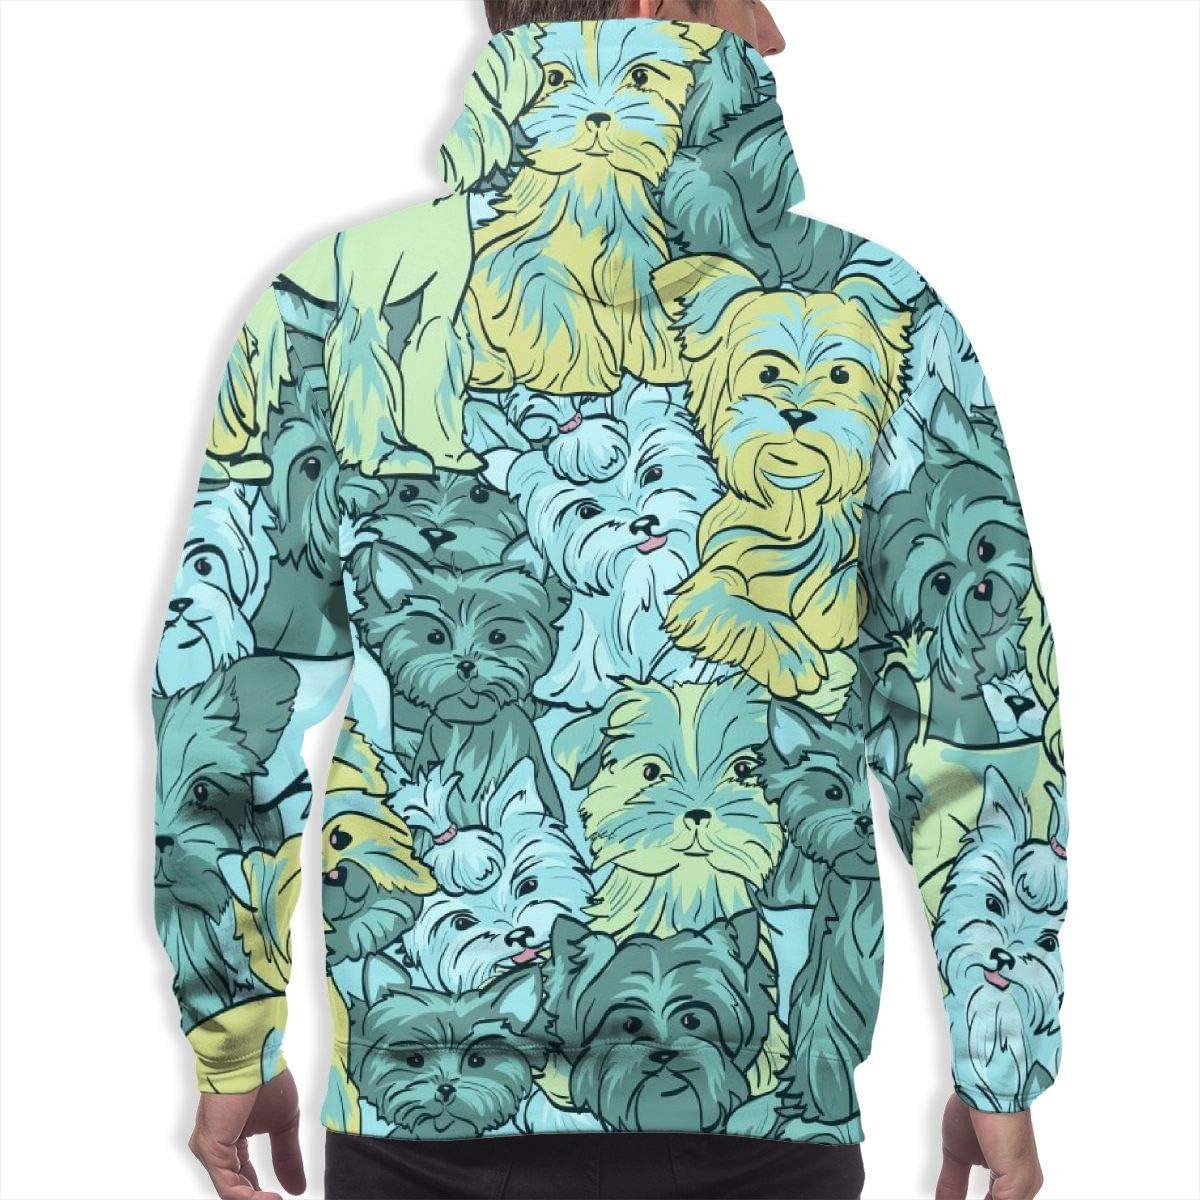 Mens Hoodie Dog of Yorkshire Puppy Sweate Sweatshirt Mens Casual Hoodie Casual Top Hooded